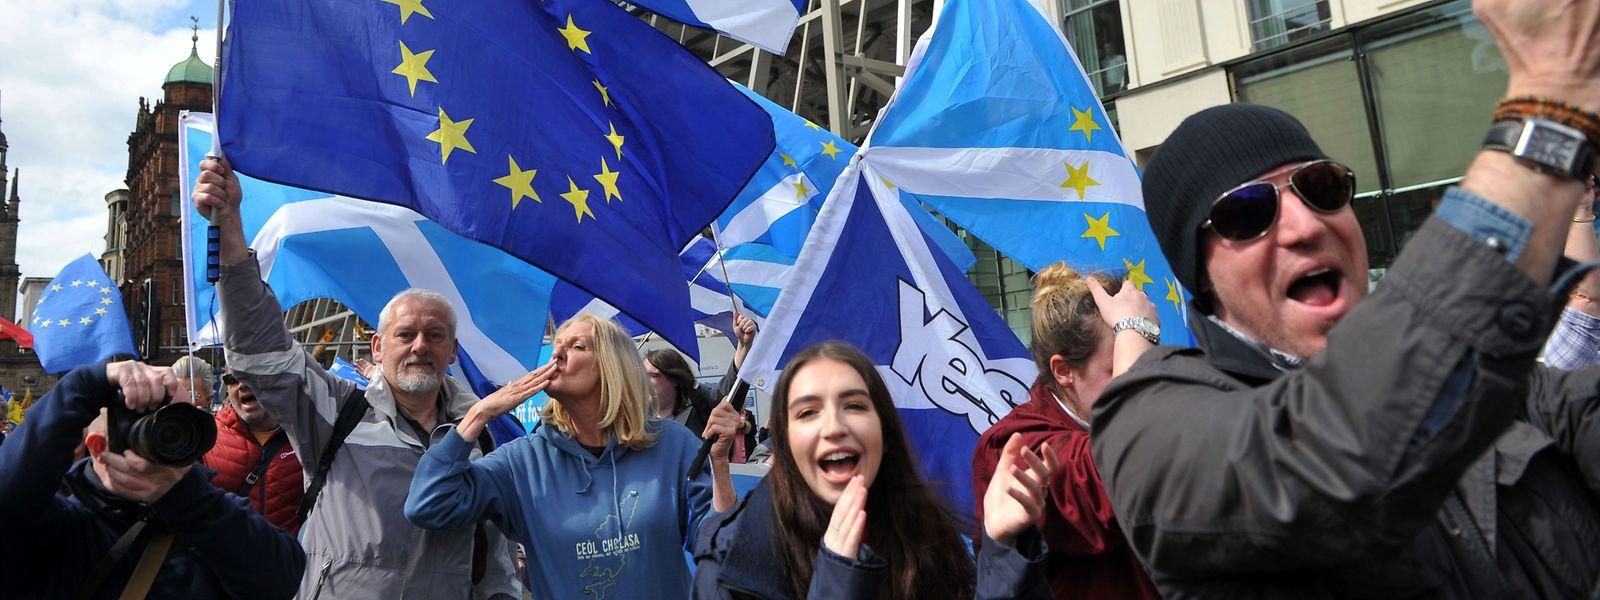 Das Edinburgh-Paradox: Der Brexit hat das politische Argument für die Unabhängigkeit gestärkt, doch das wirtschaftliche Argument wurde dadurch schwächer.